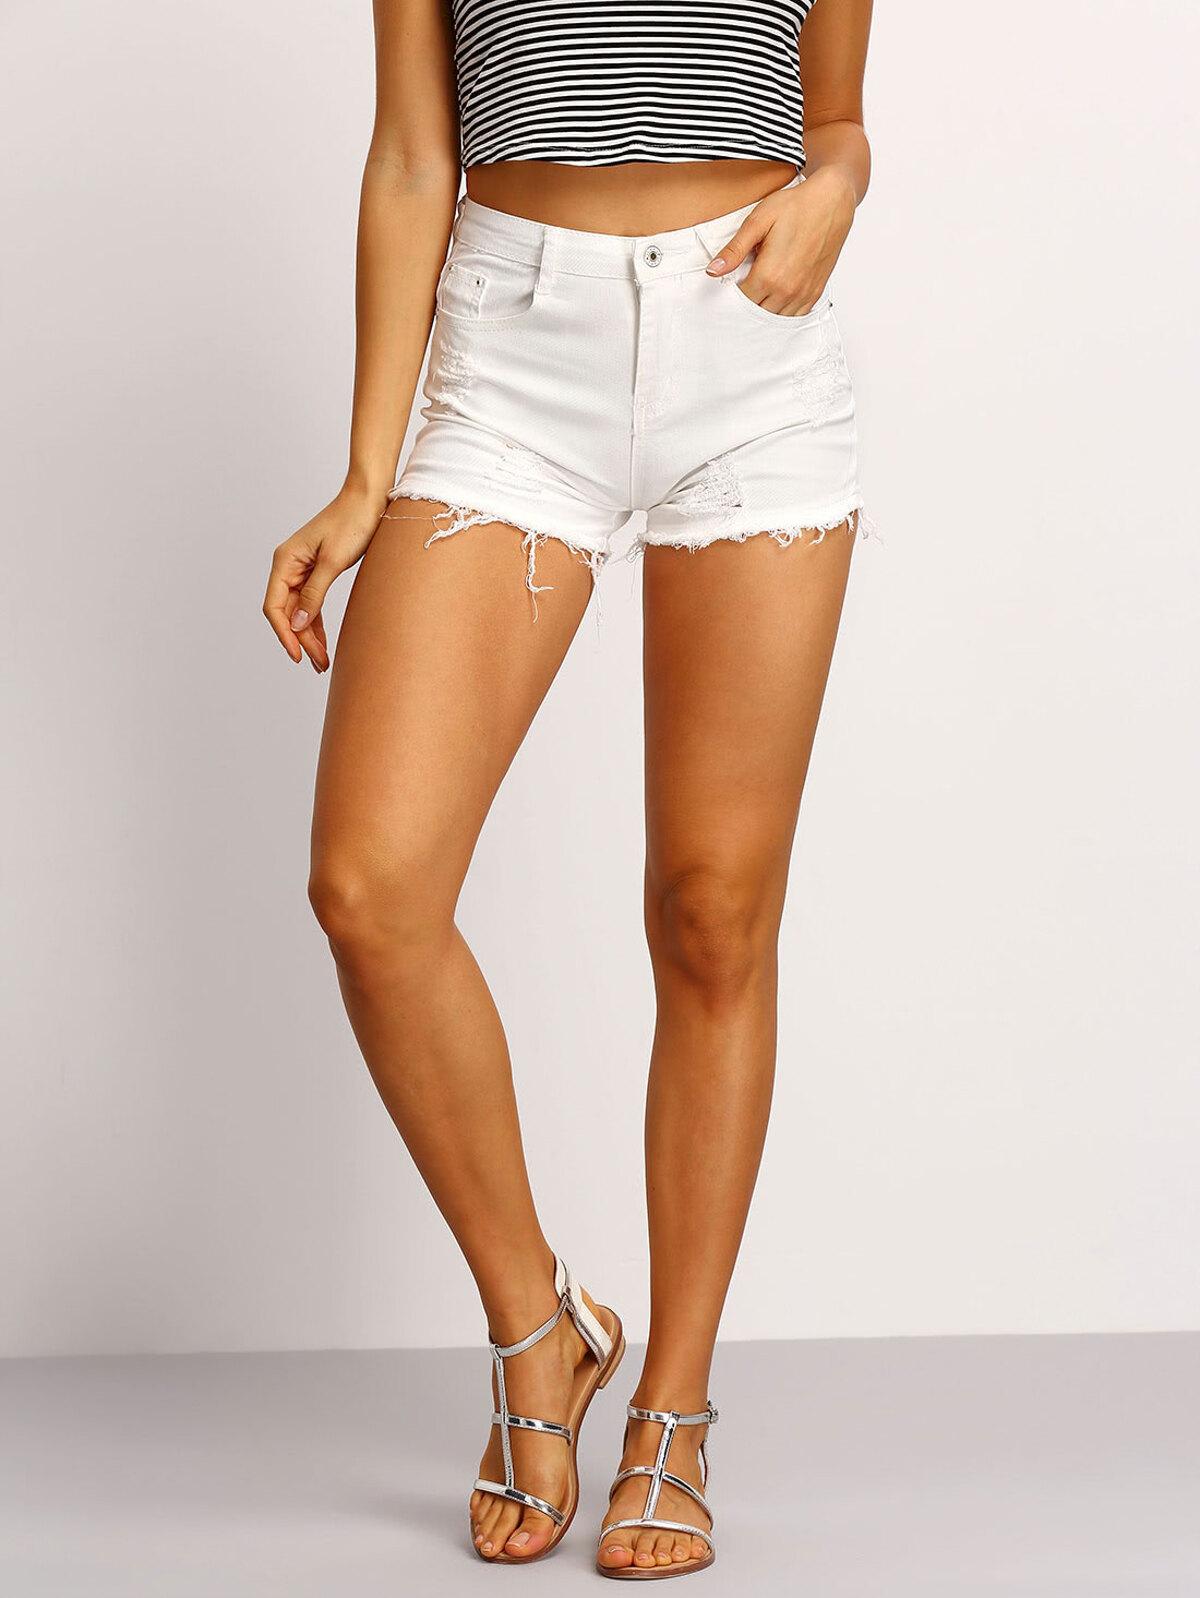 磨損的 白色 牛仔布 短褲